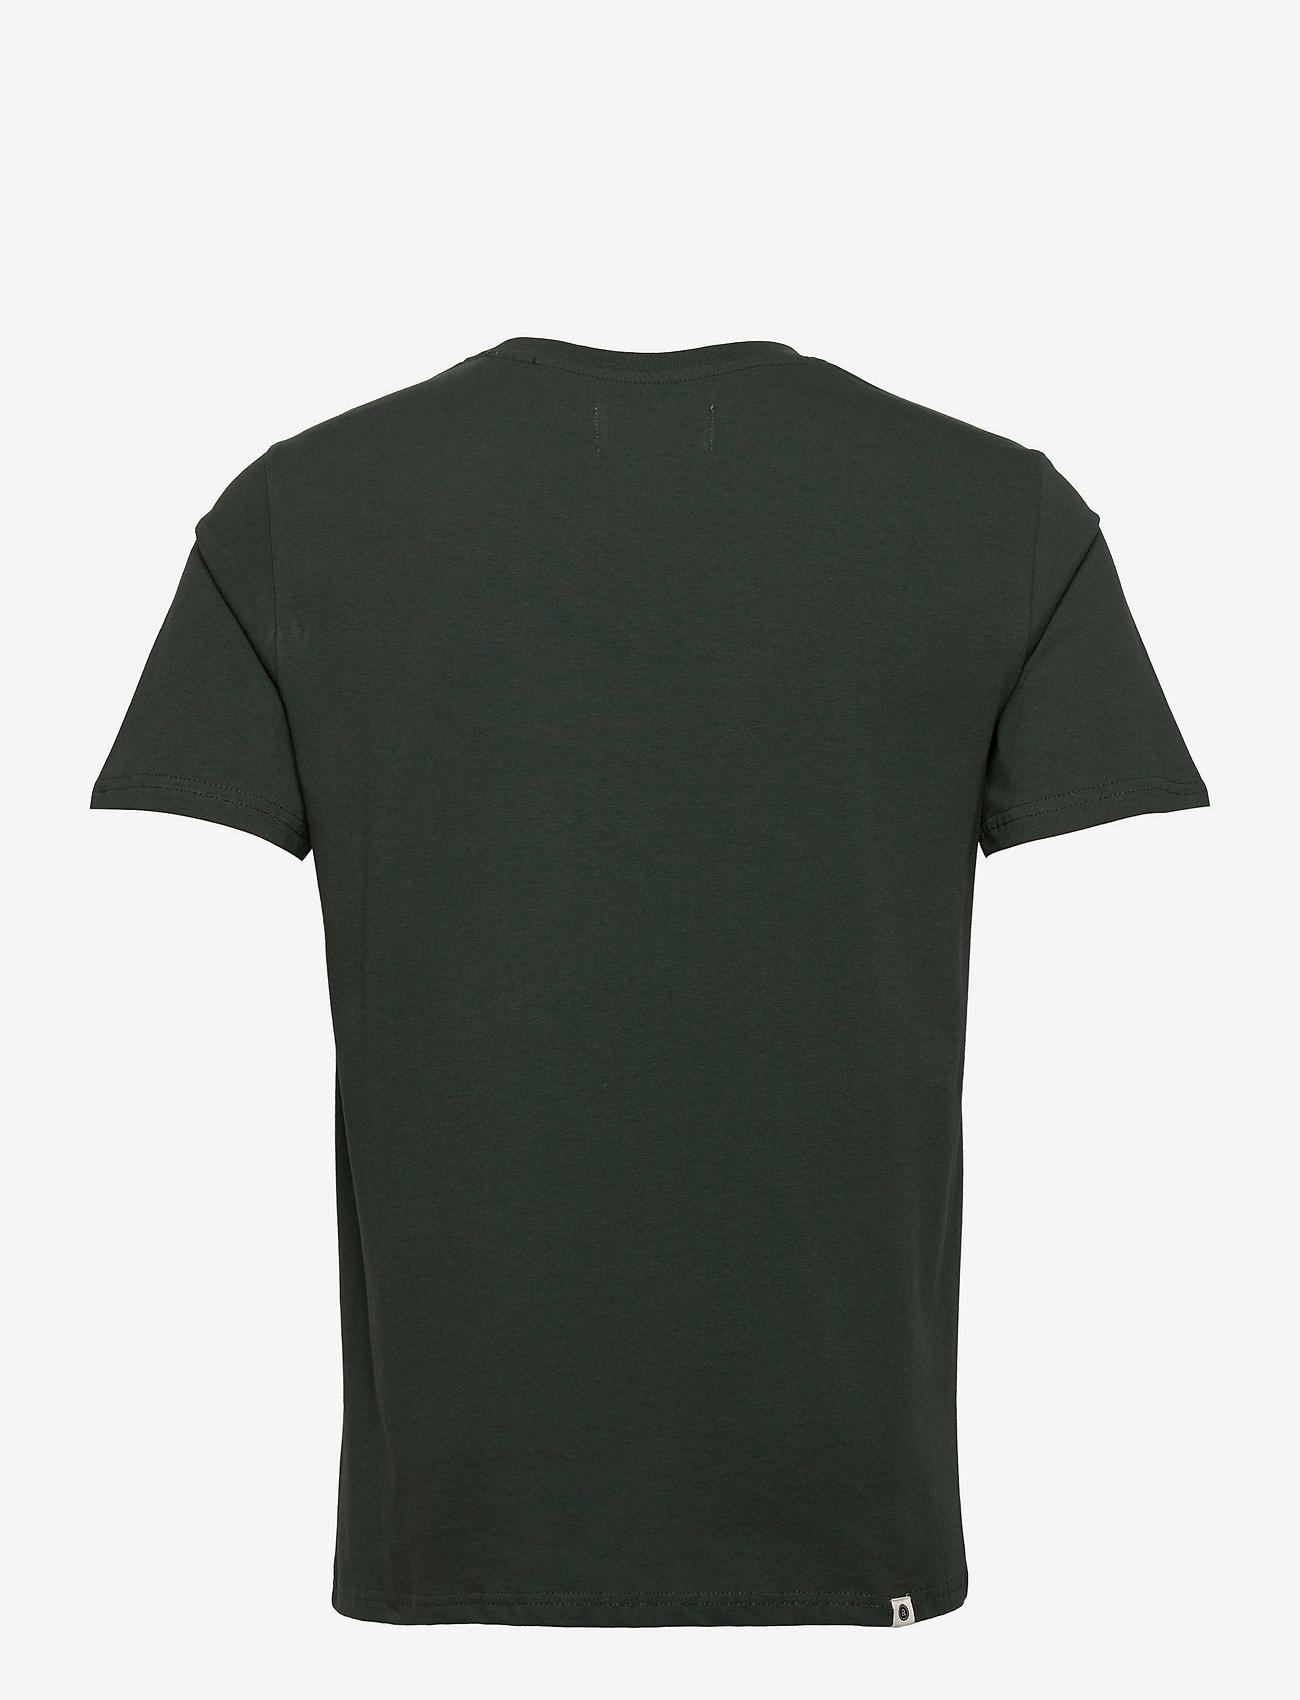 Anerkjendt - AKROD T-SHIRT - t-shirts - deep forrest - 1